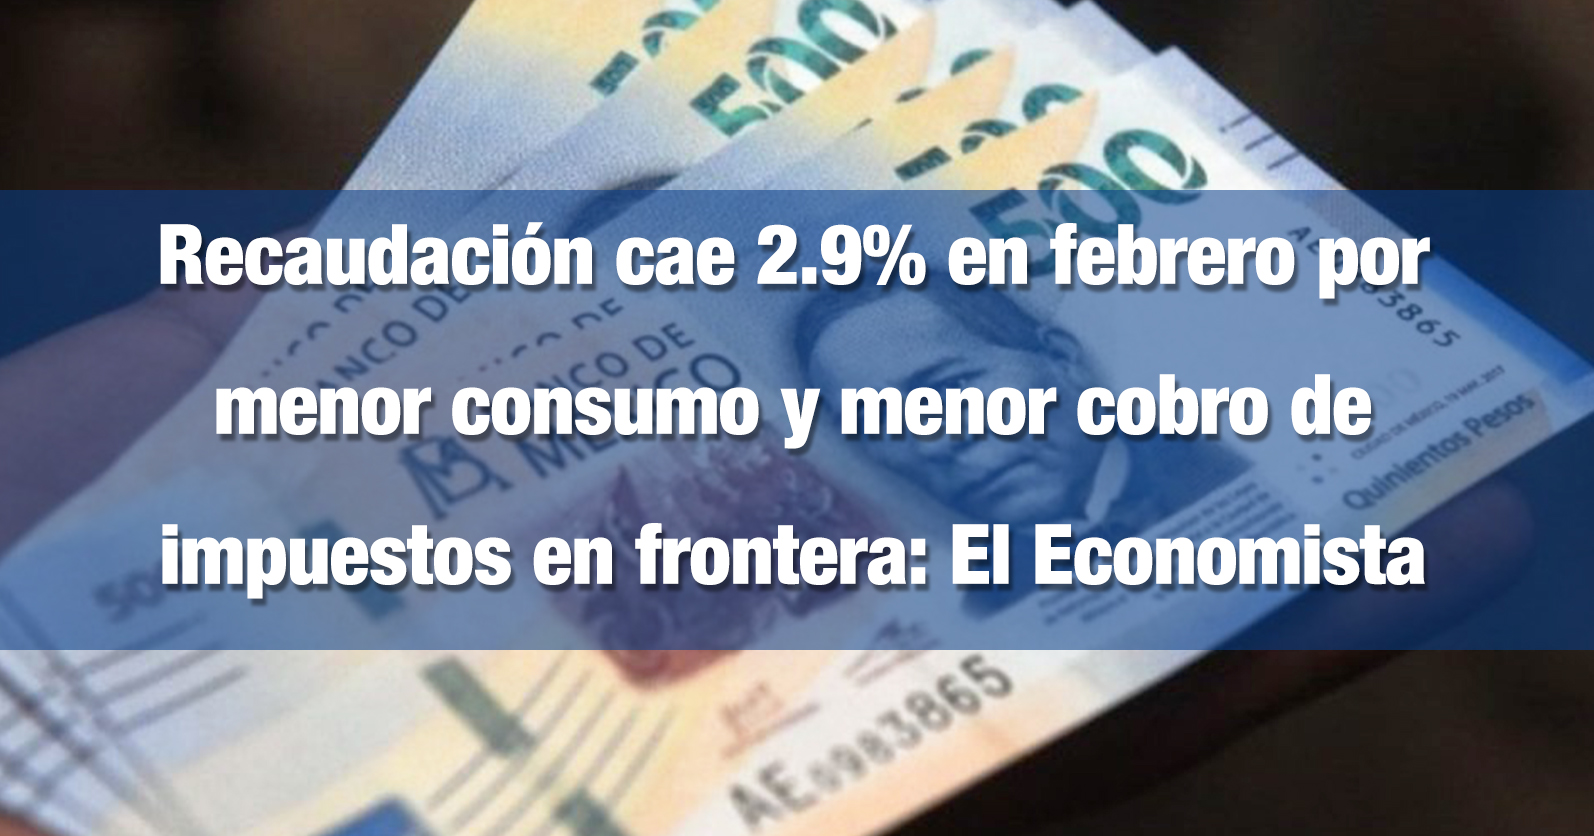 Recaudación cae 2.9% en febrero por menor consumo y menor cobro de impuestos en frontera: El Economista